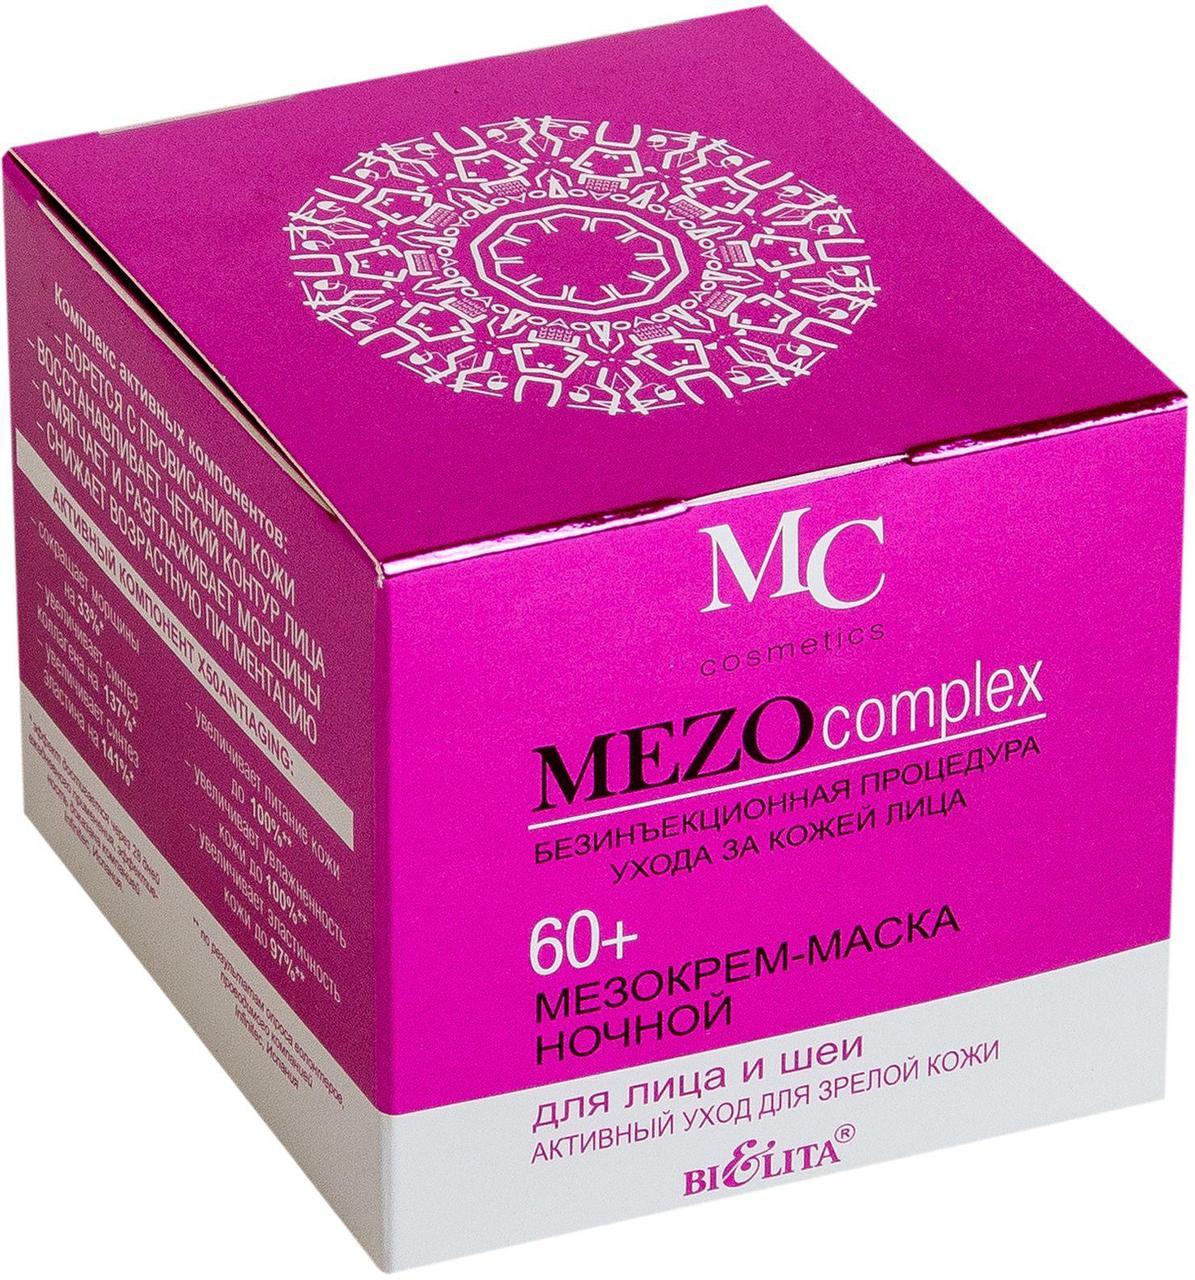 МЕЗОКРЕМ-МАСКА ночной для лица и шеи Активный уход для зрелой кожи 60+